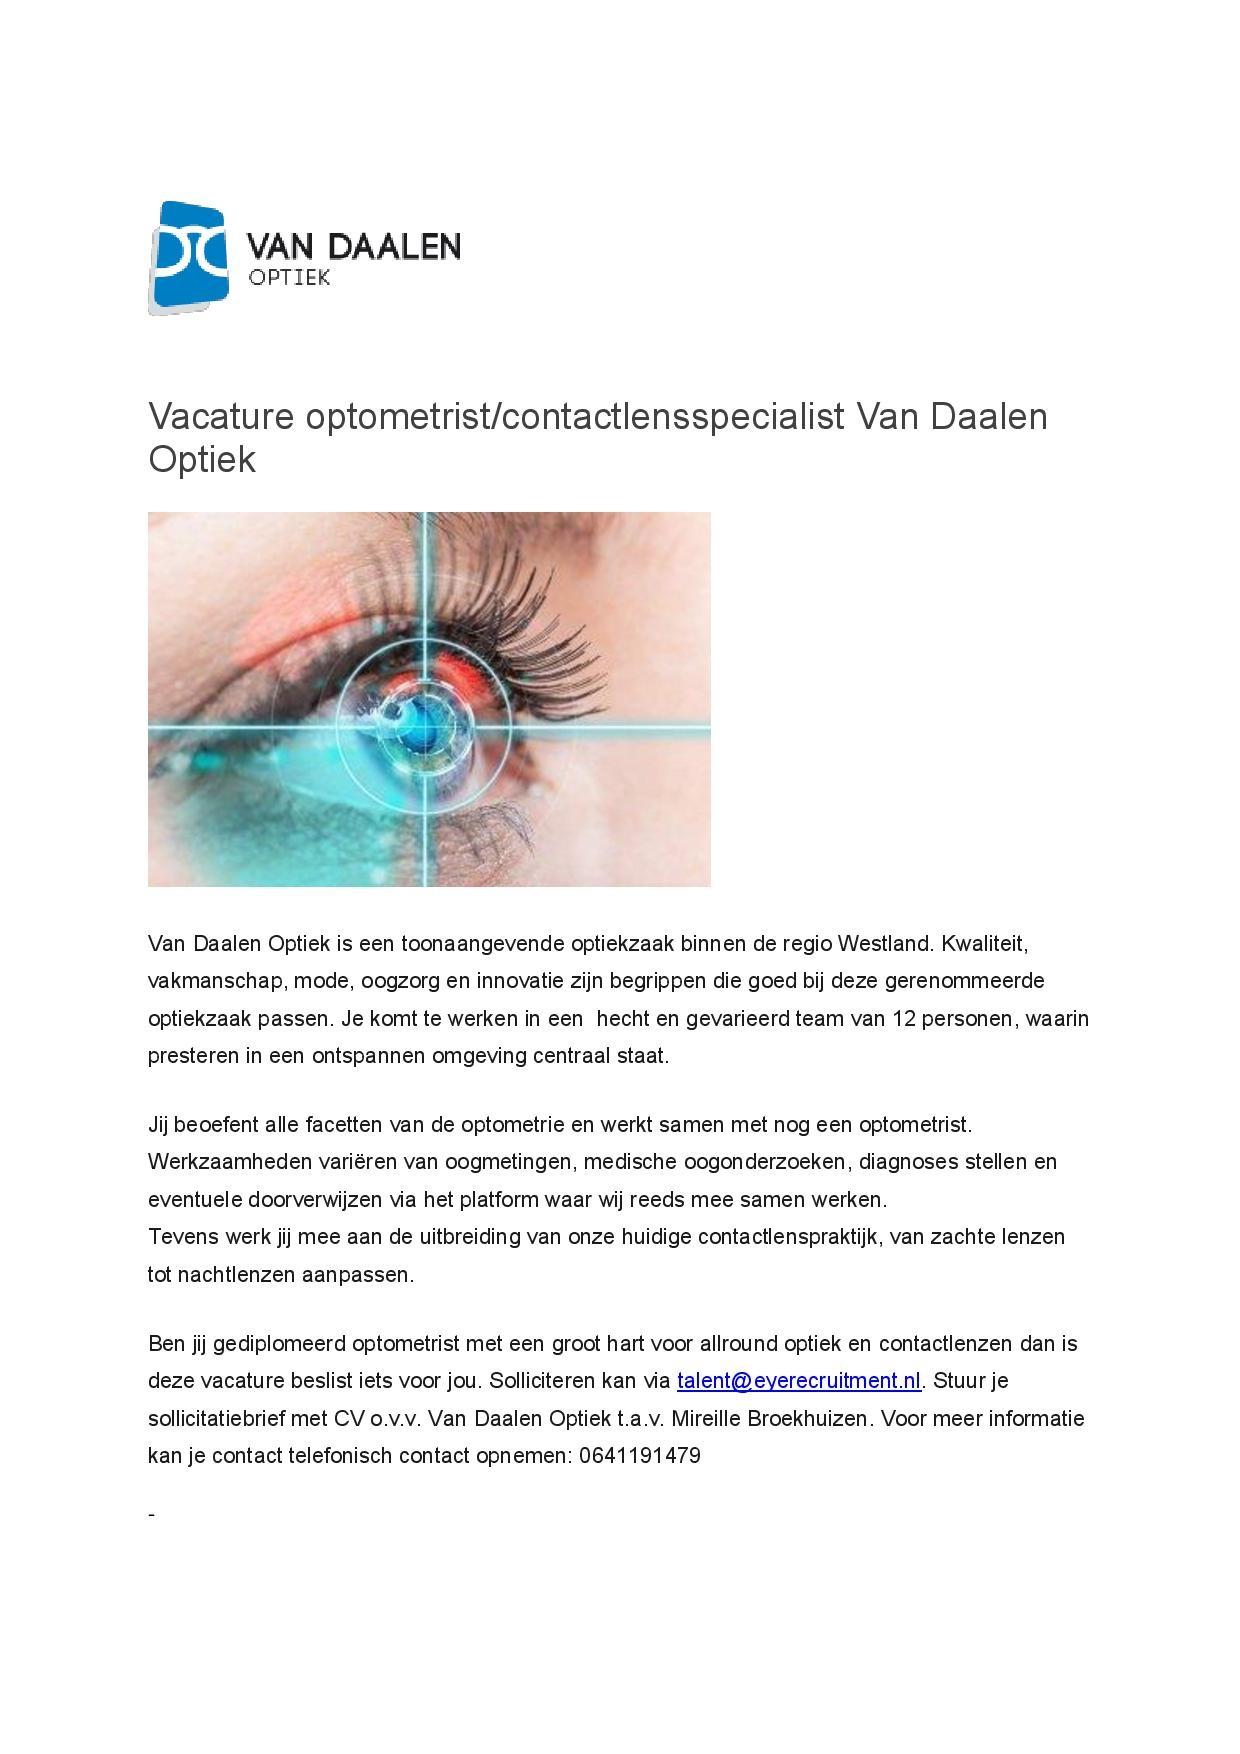 Vacature optometrist van Daalen